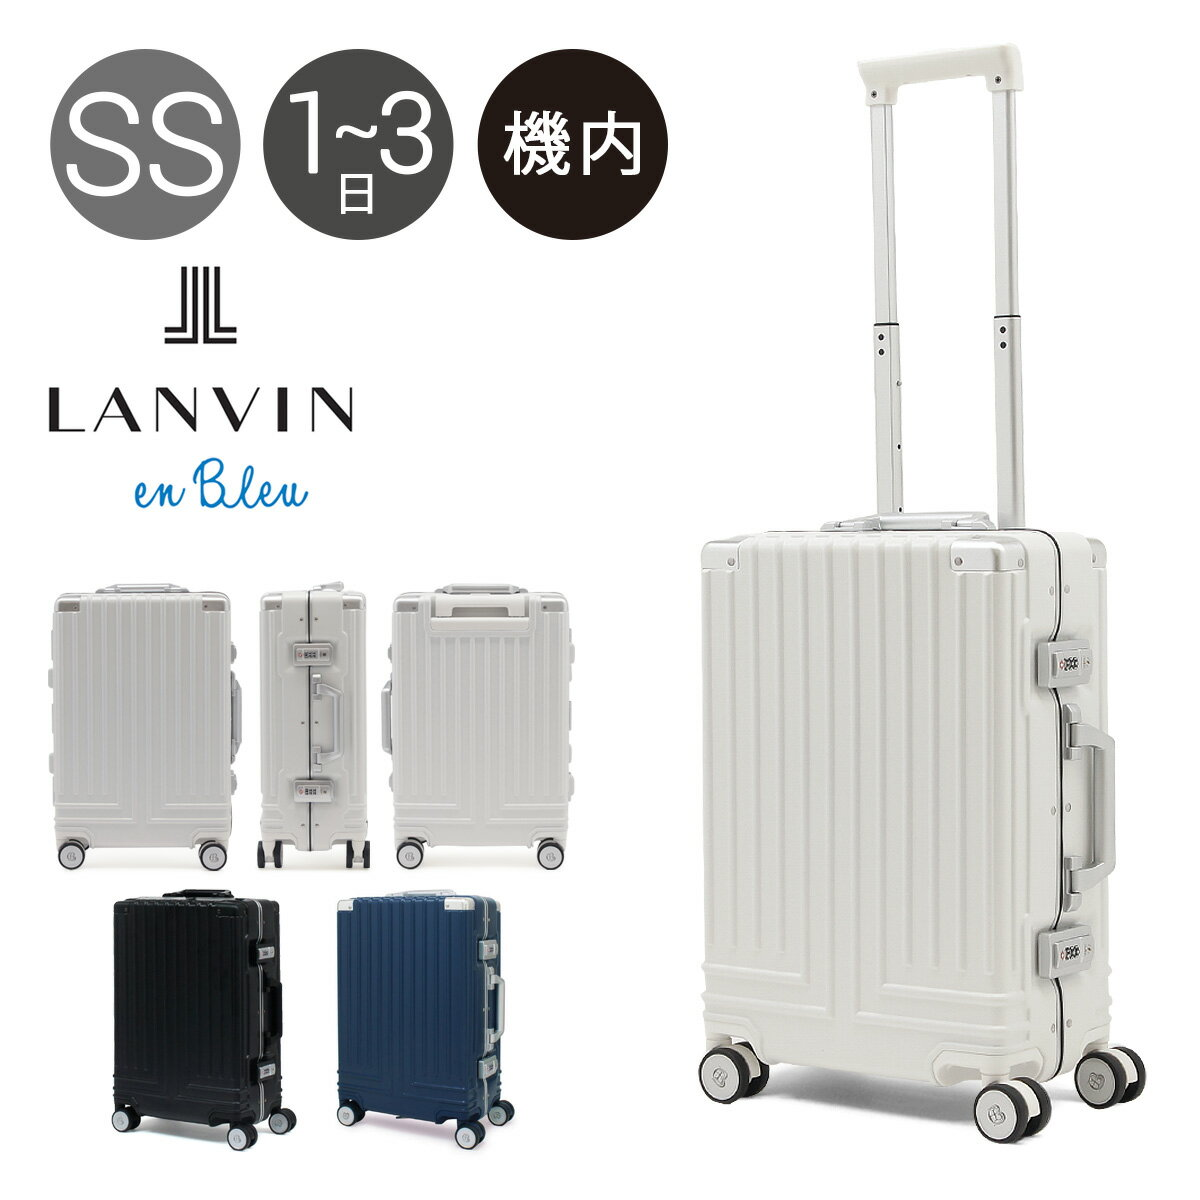 ランバン オン ブルー スーツケース 595311 49cm 【 LANVIN en Bleu ヴィラージュ 】【 キャリーケース 機内持ち込み フレーム 】【即日発送】